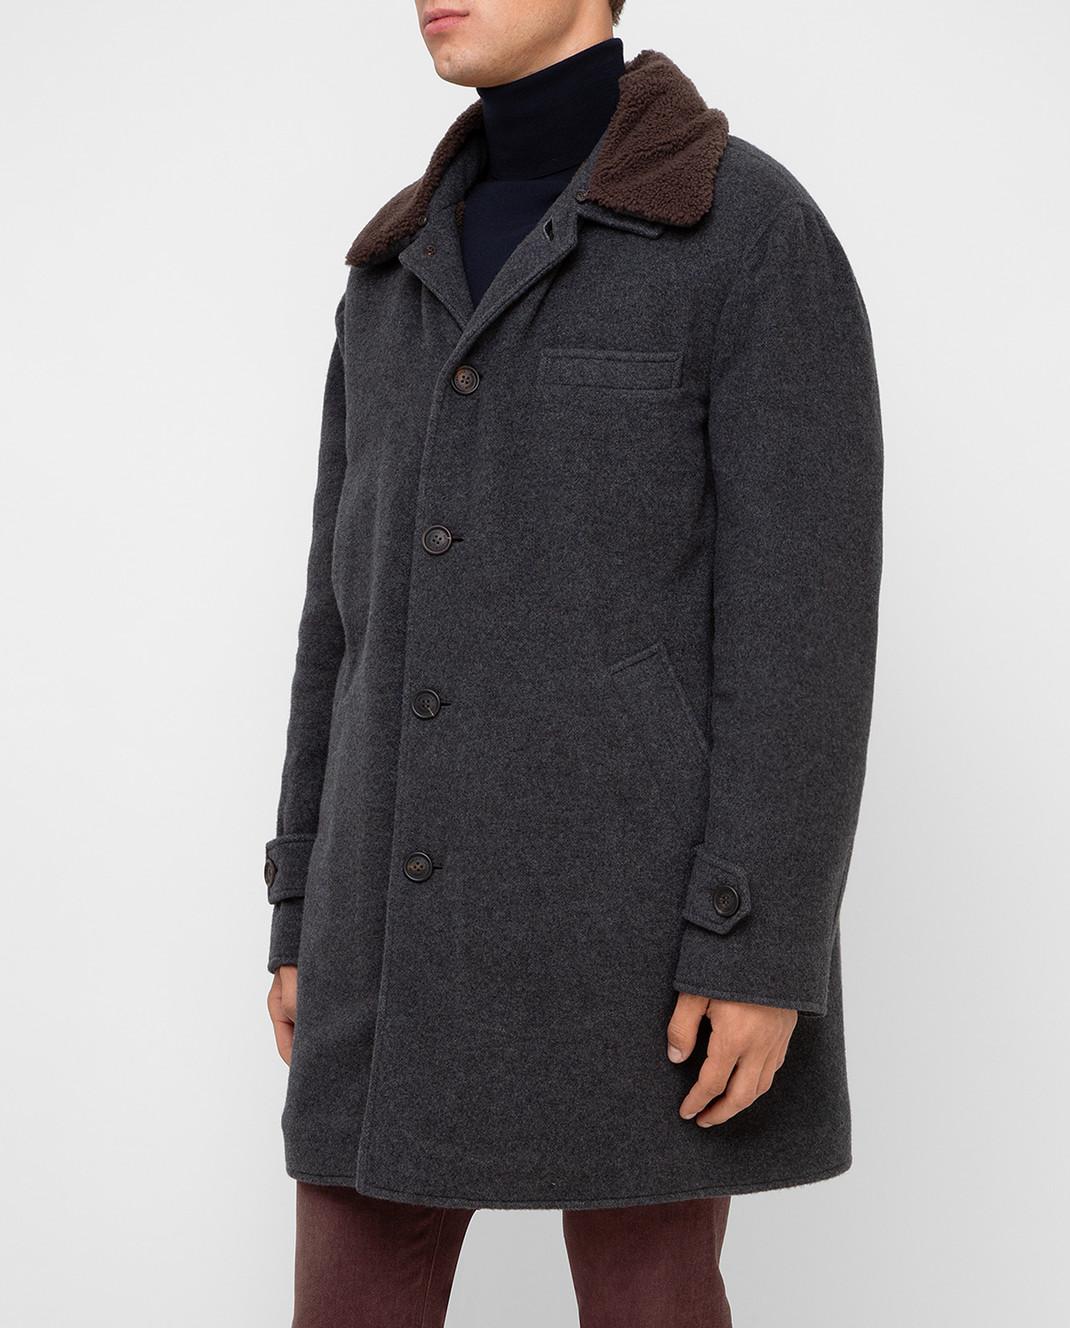 Brunello Cucinelli Серое пальто из кашемира MT4976307 изображение 3